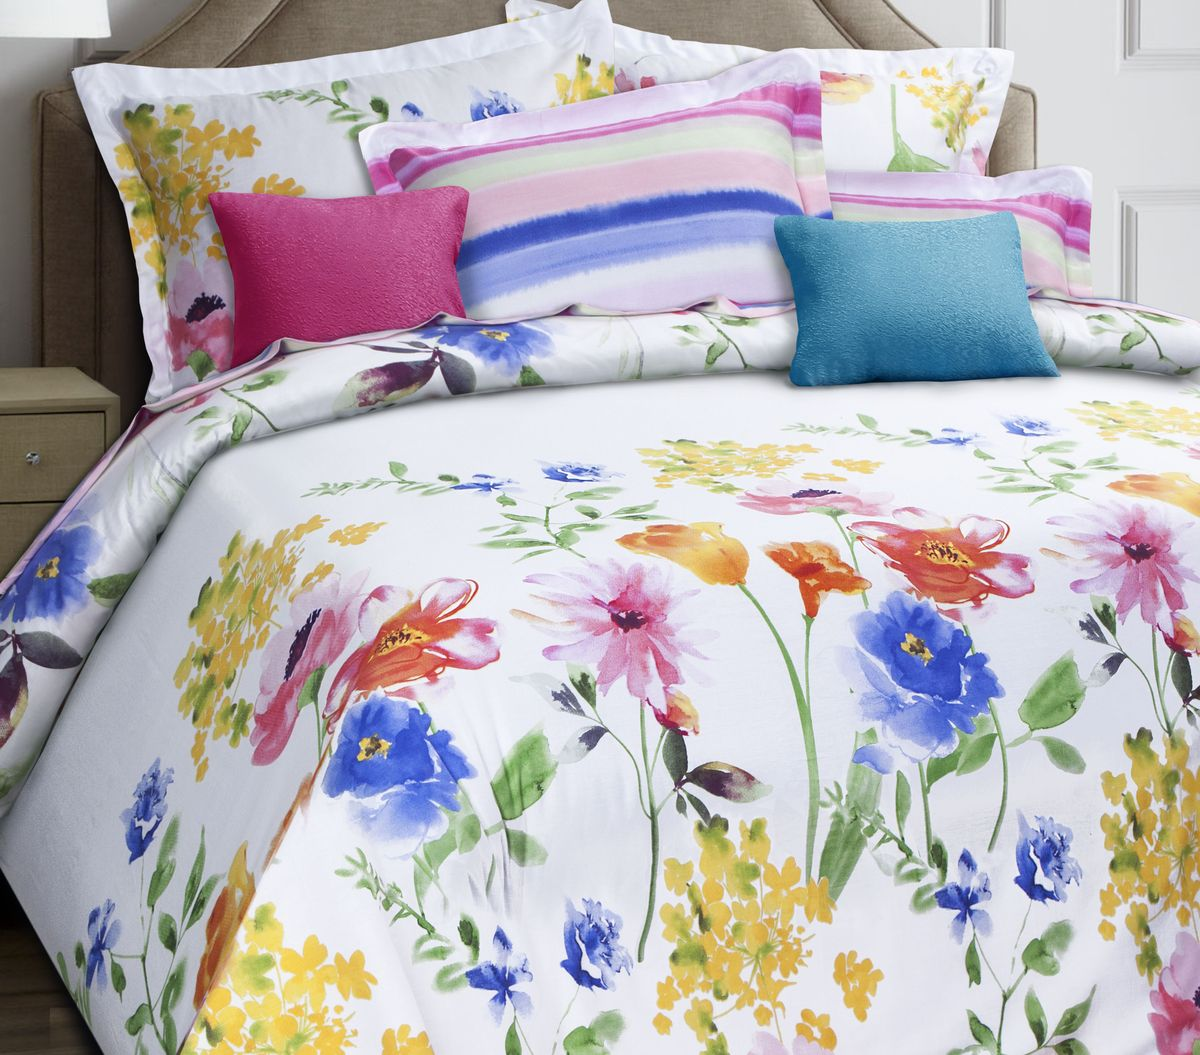 Комплект белья Mona Liza Premium. Gloria, 1,5-спальный, наволочки 70х70 подушка mona liza premium наполнитель льняное волокно цвет белый 70 х 70 см